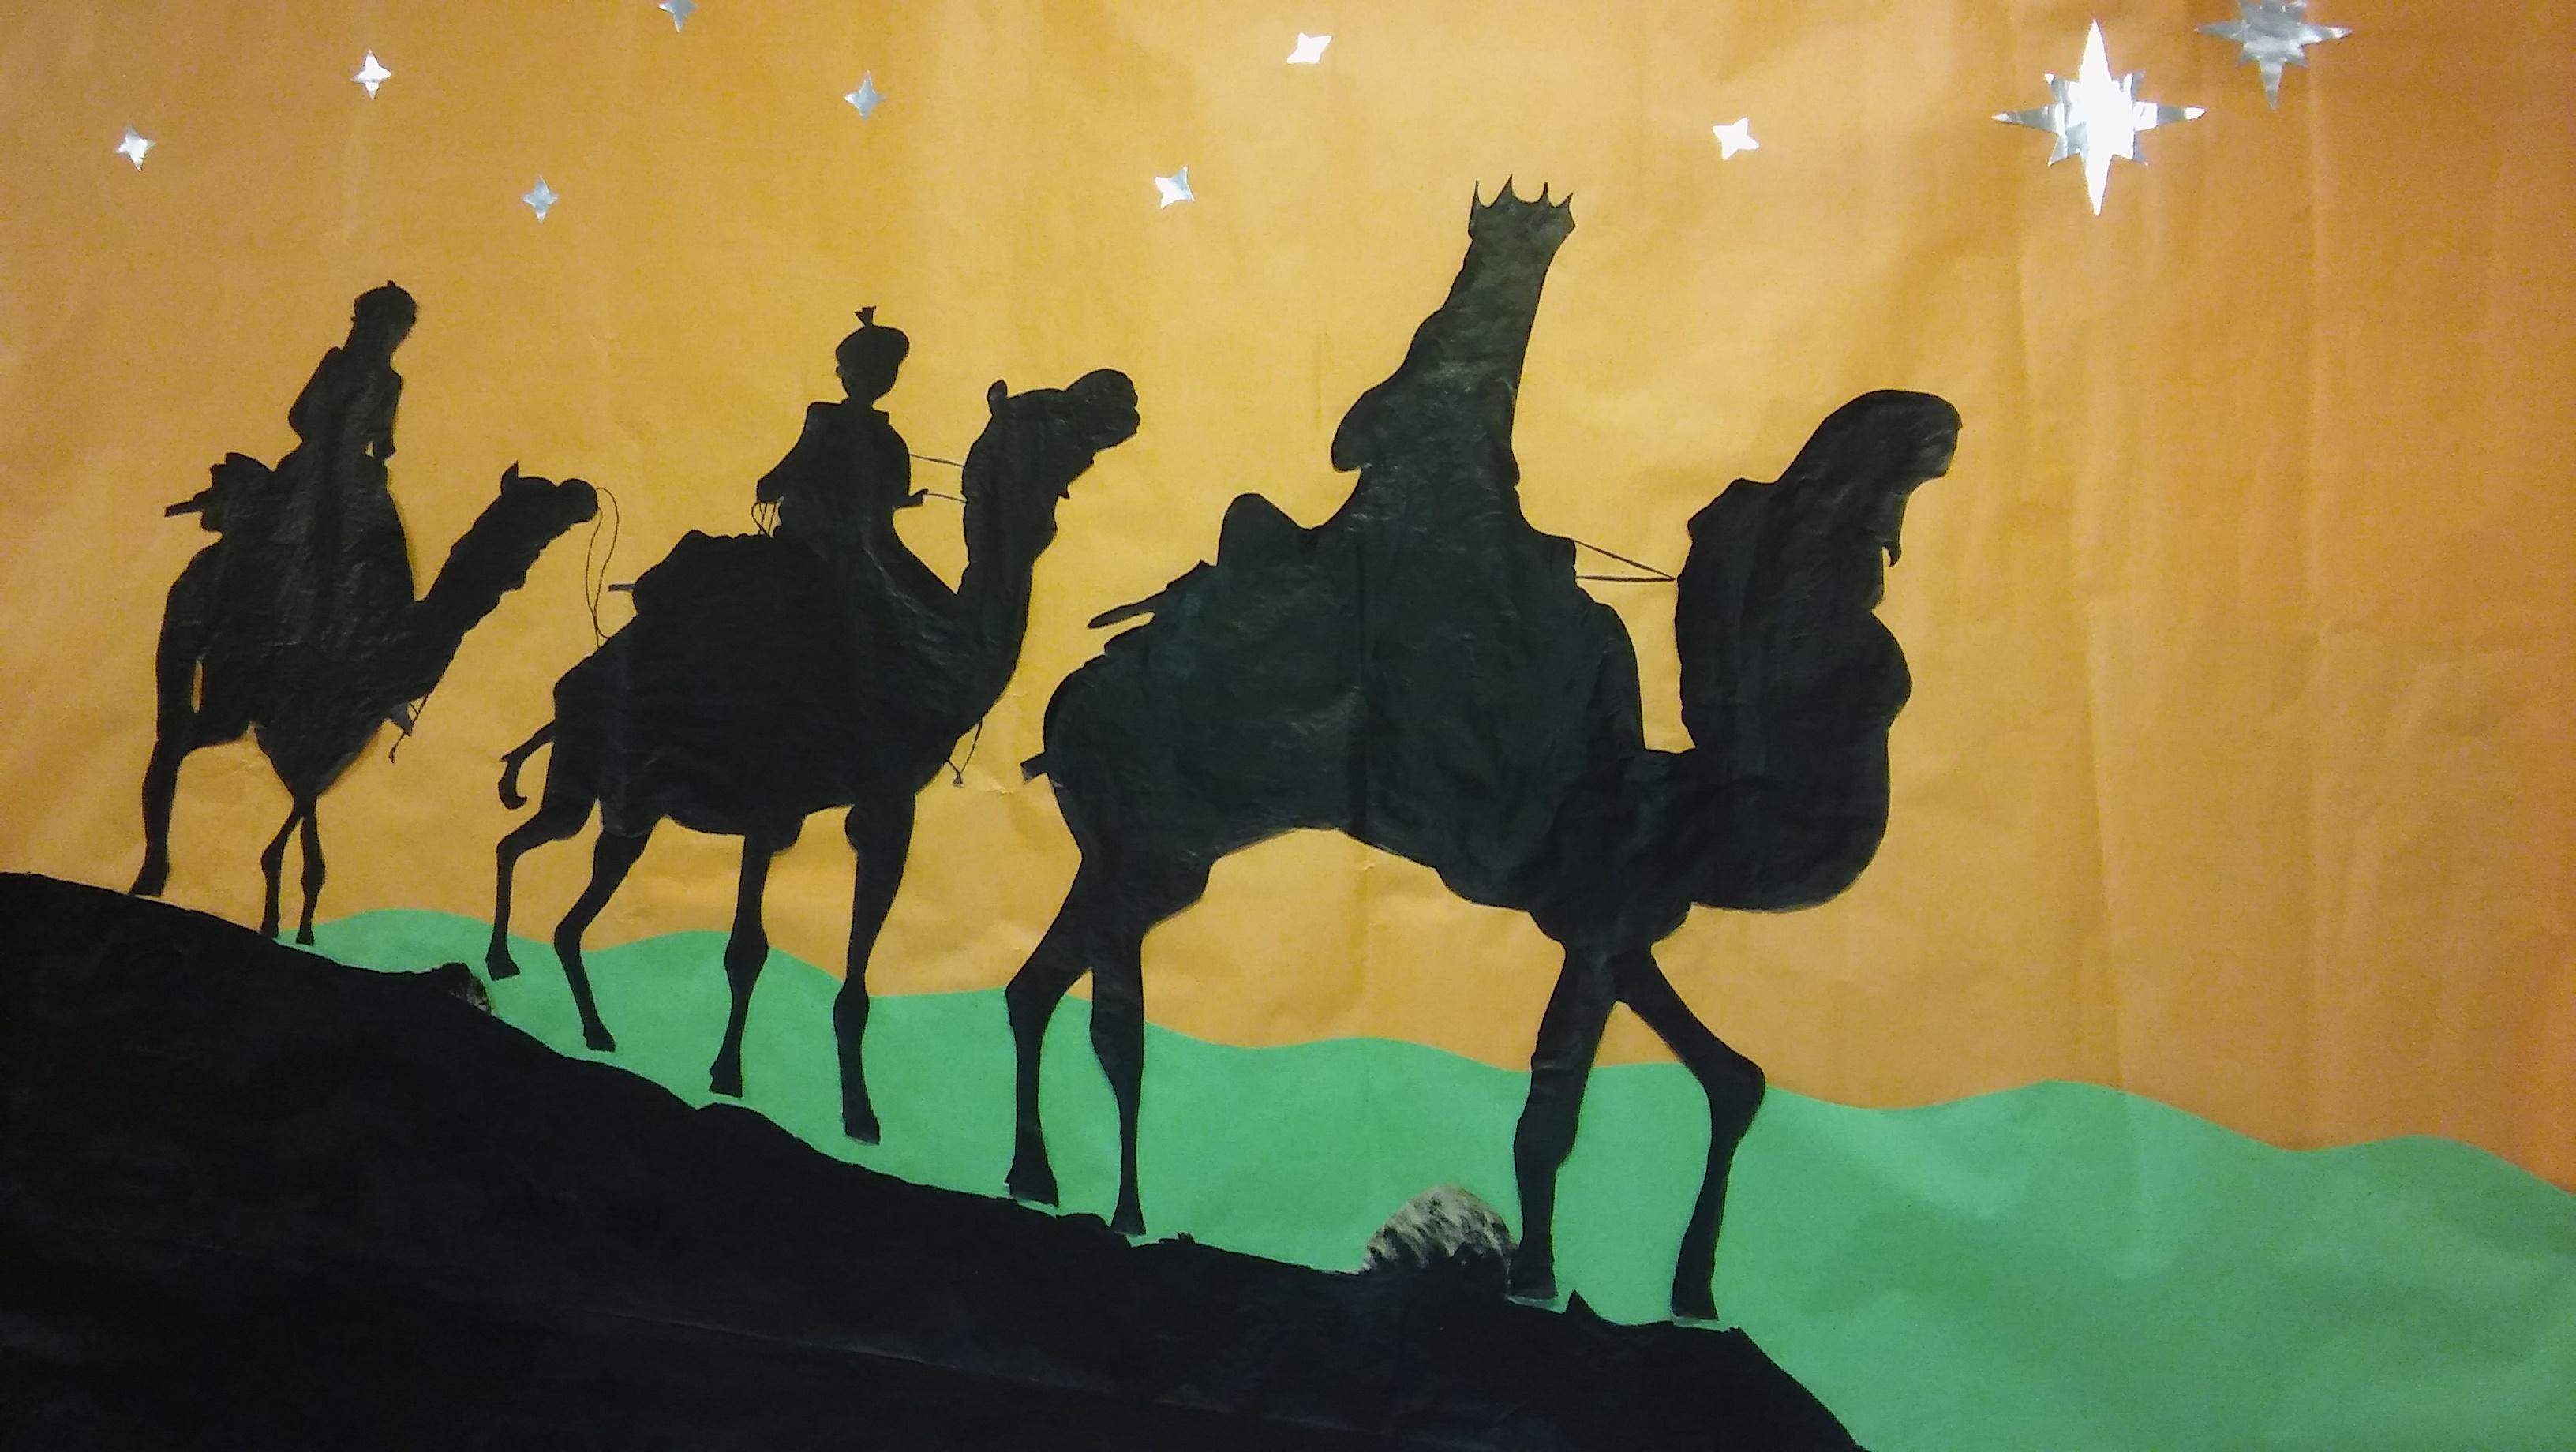 Celebrem els 'Reyes Majos'